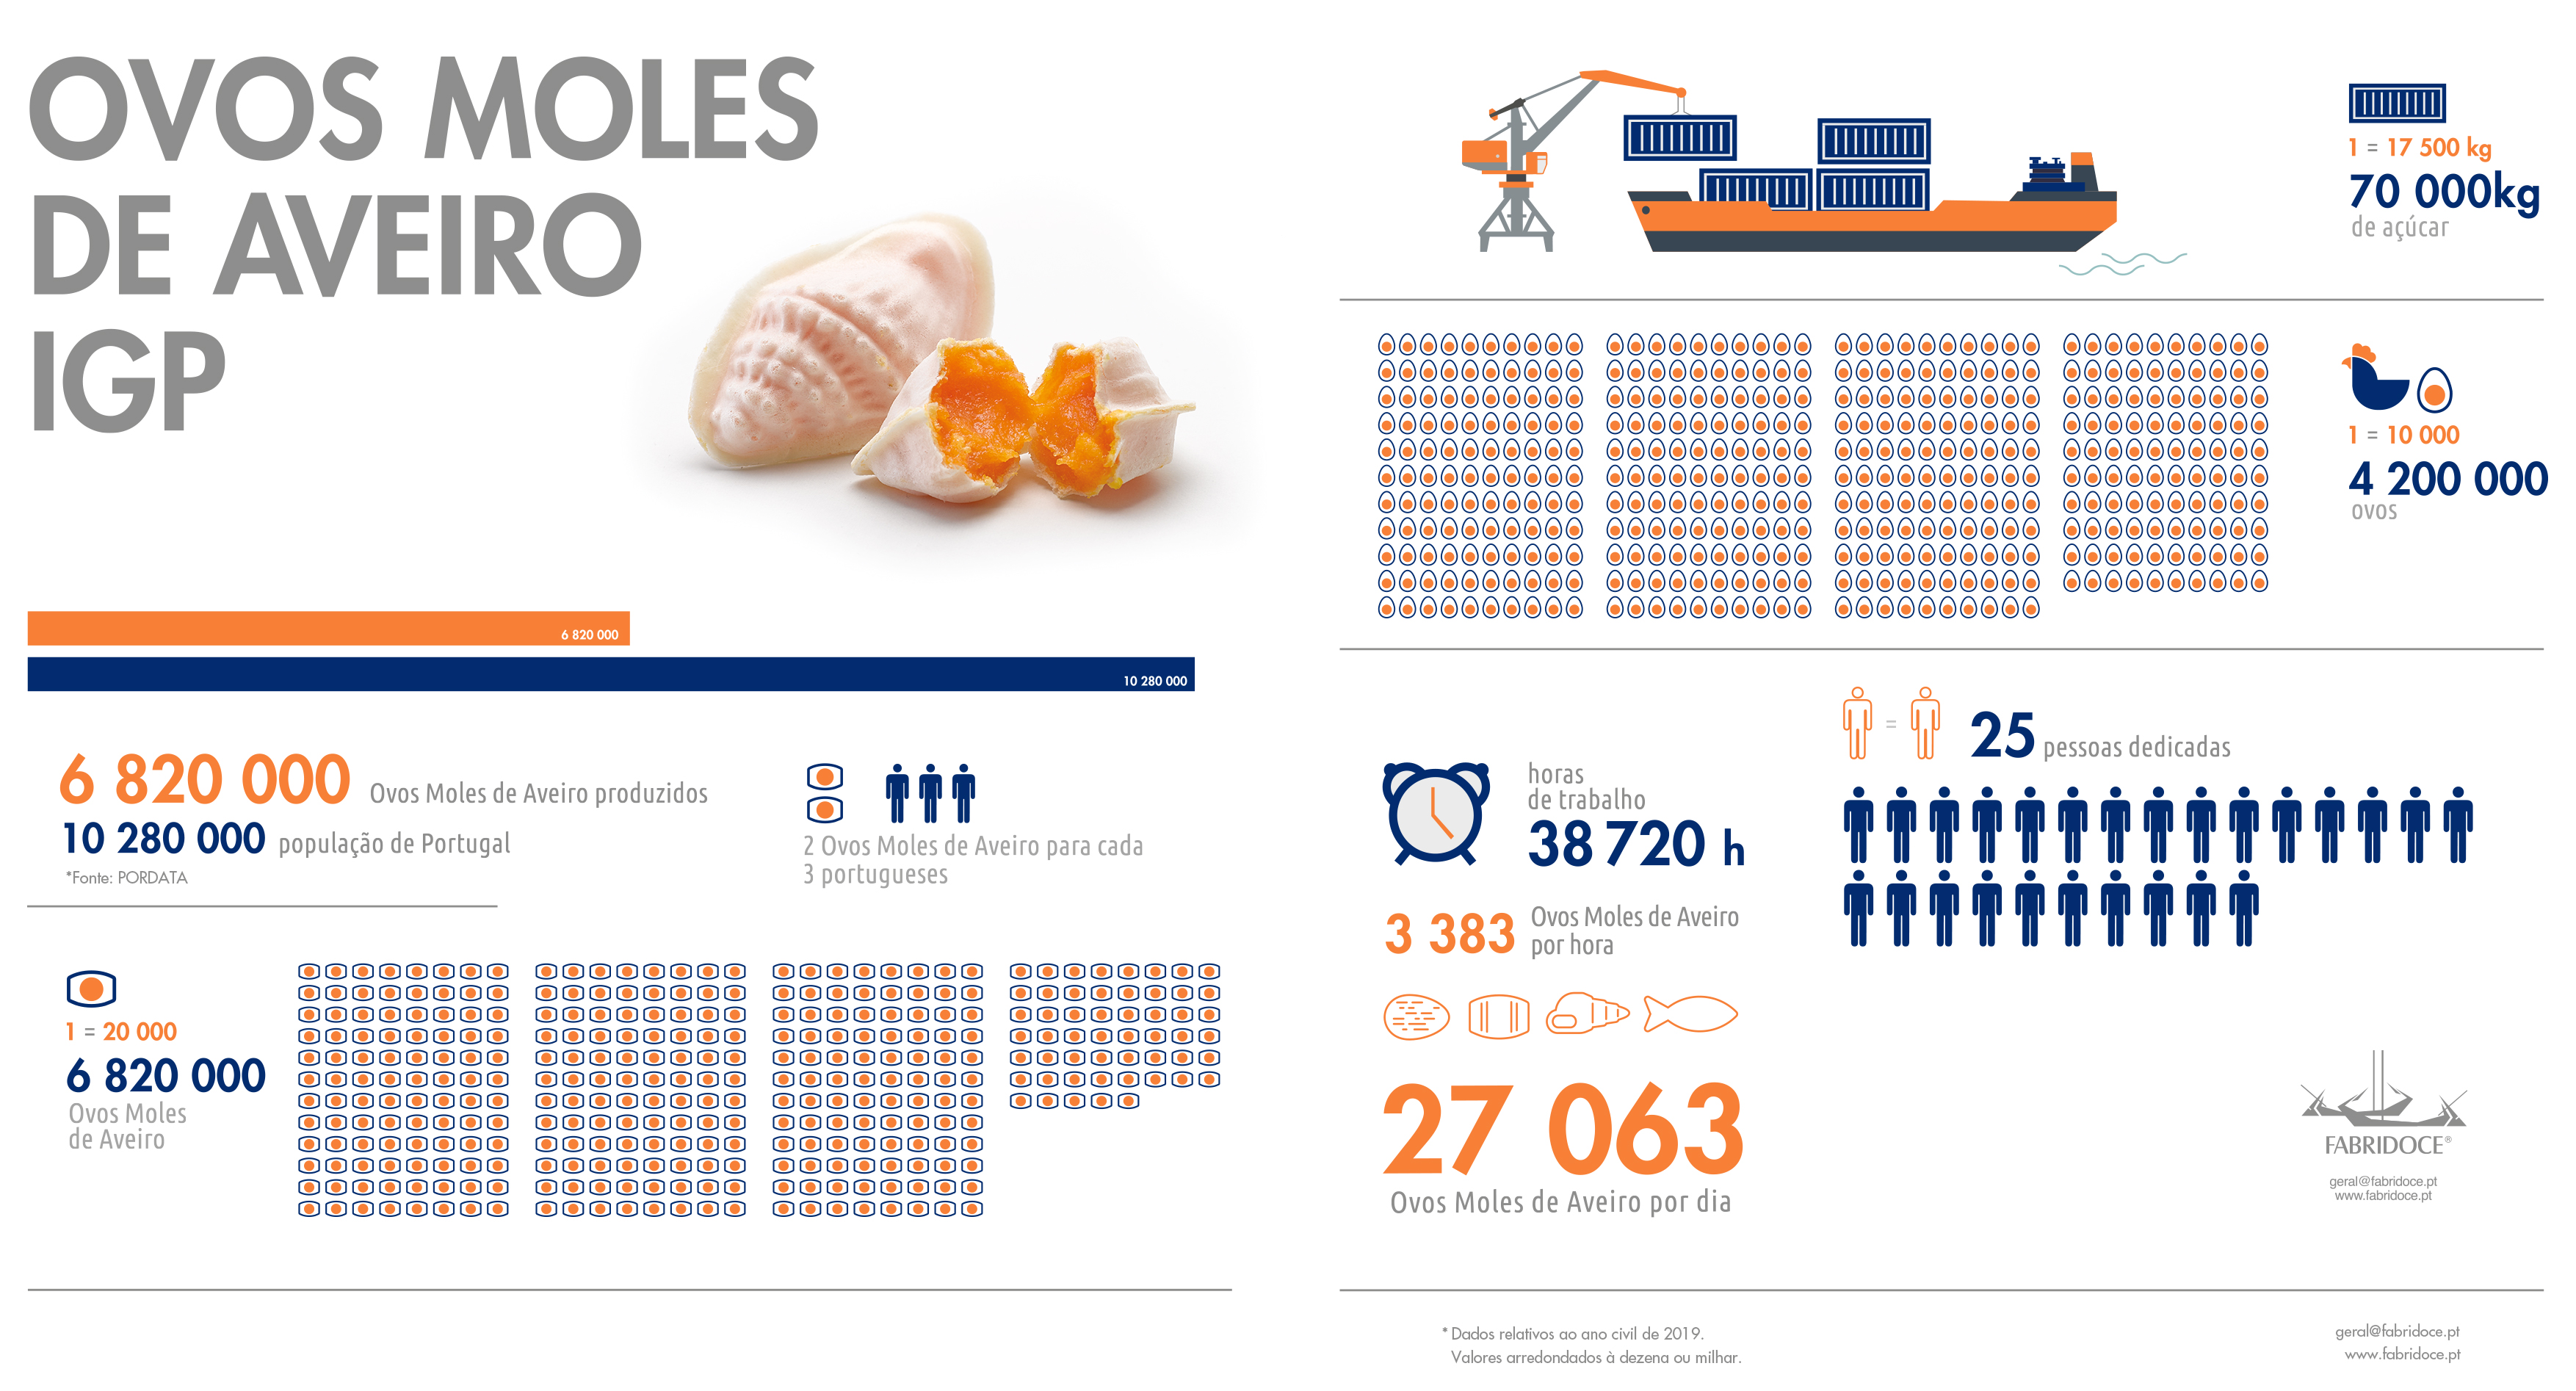 infografia-ovos-moles_2019